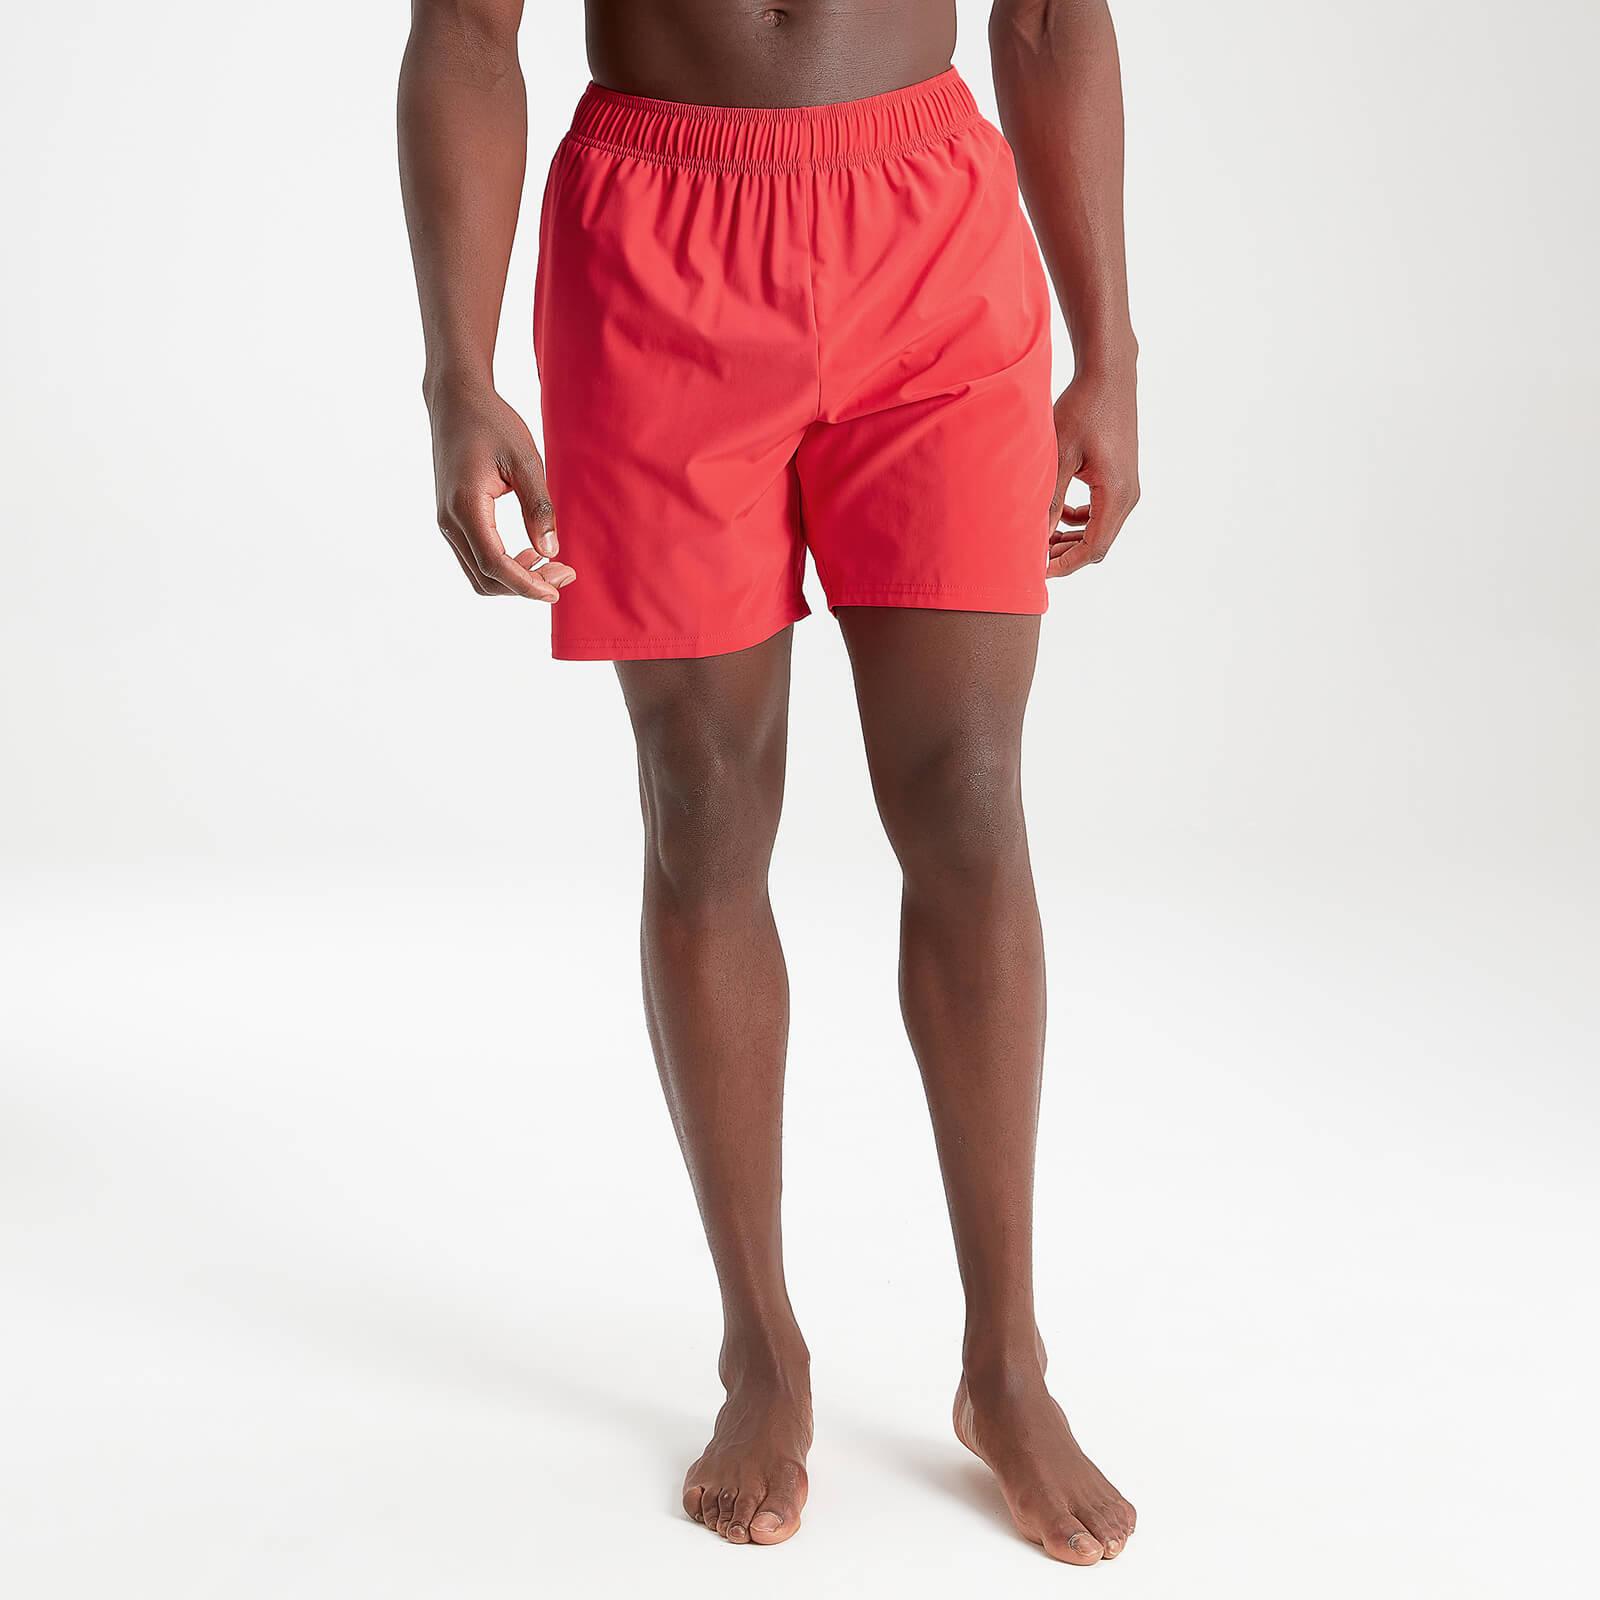 Купить MP Men's Essentials Woven Training Shorts - Danger - XXS, Myprotein International